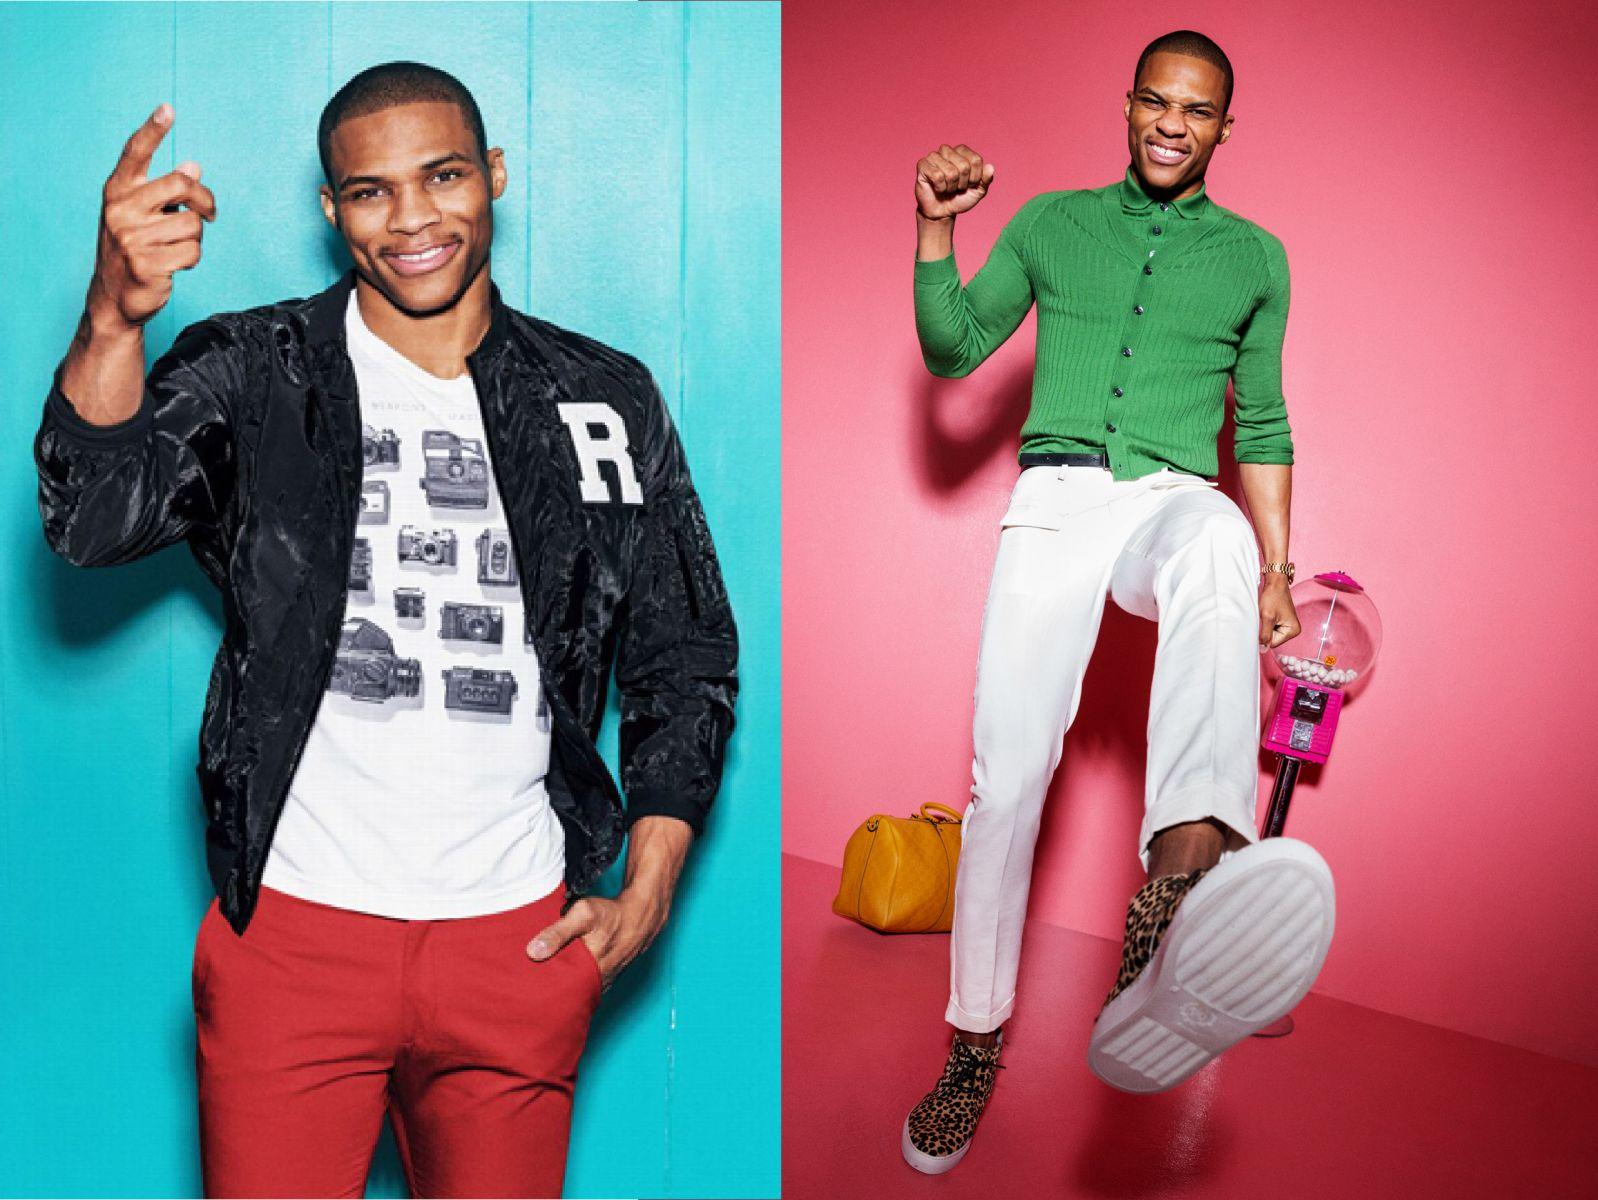 О Боже, какой мужчина: 20 самых стильных красавцев по версии журнала GQ - фото №13